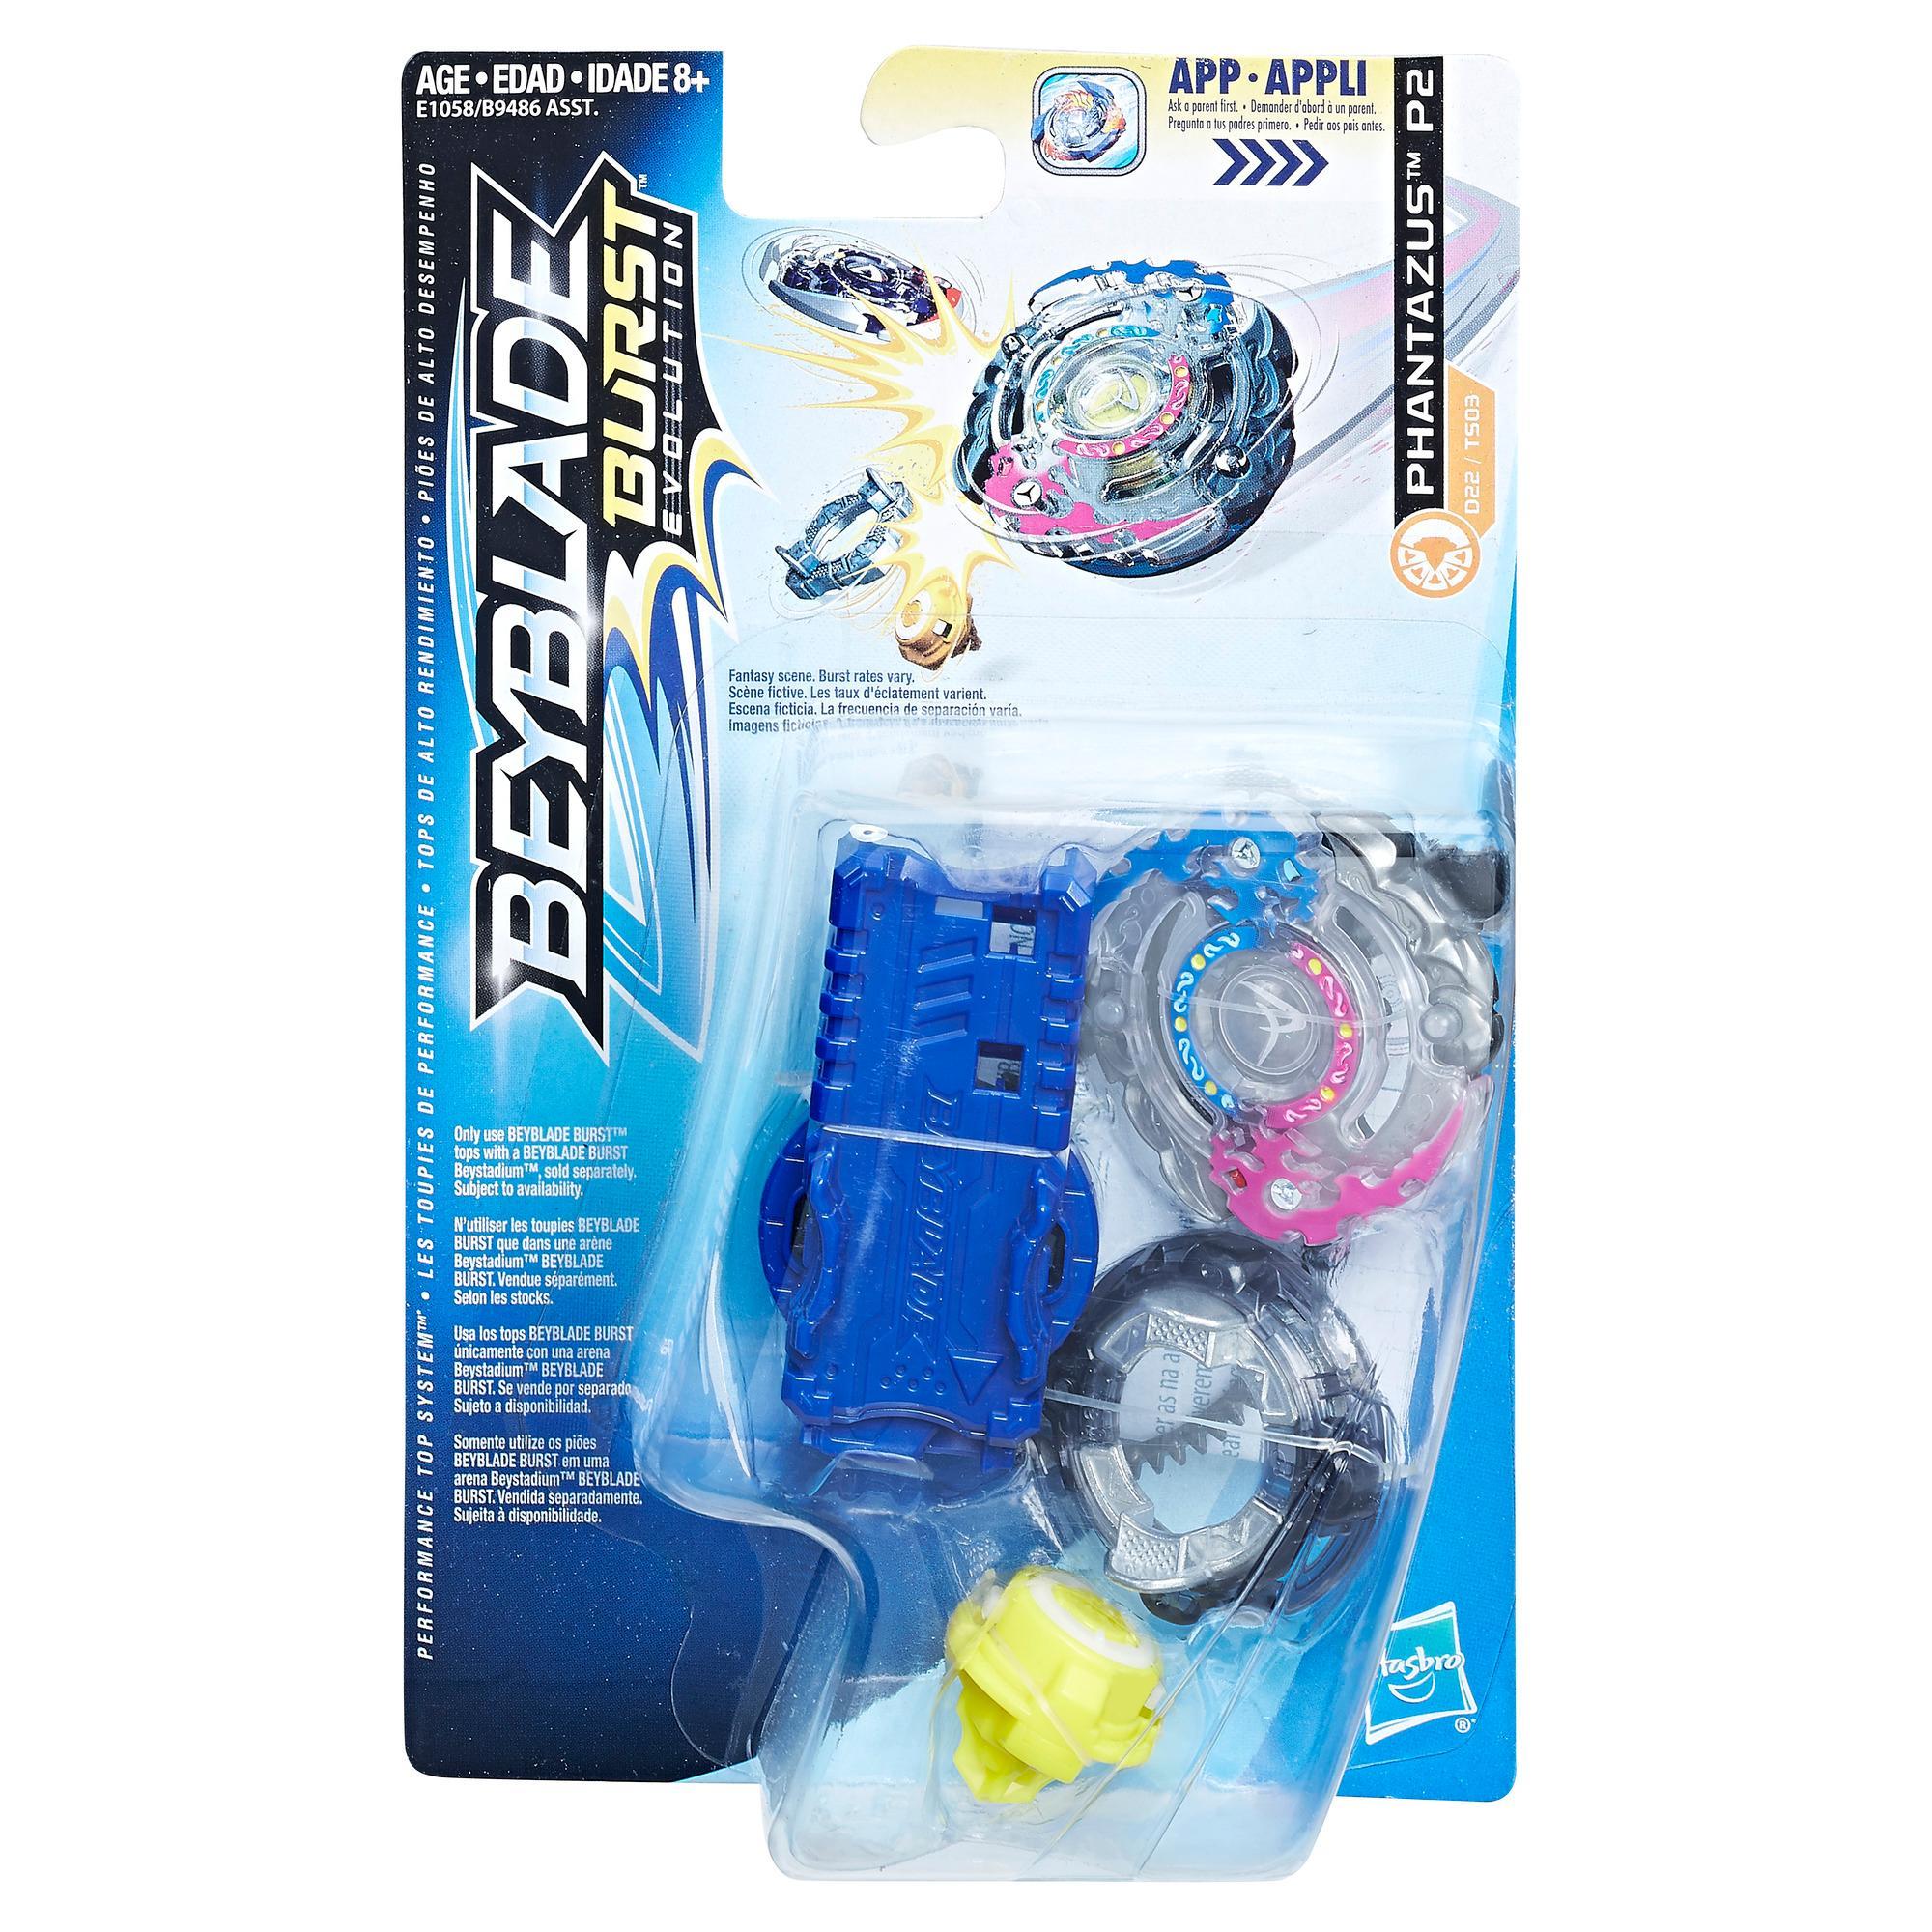 Beyblade Burst Starter Pack